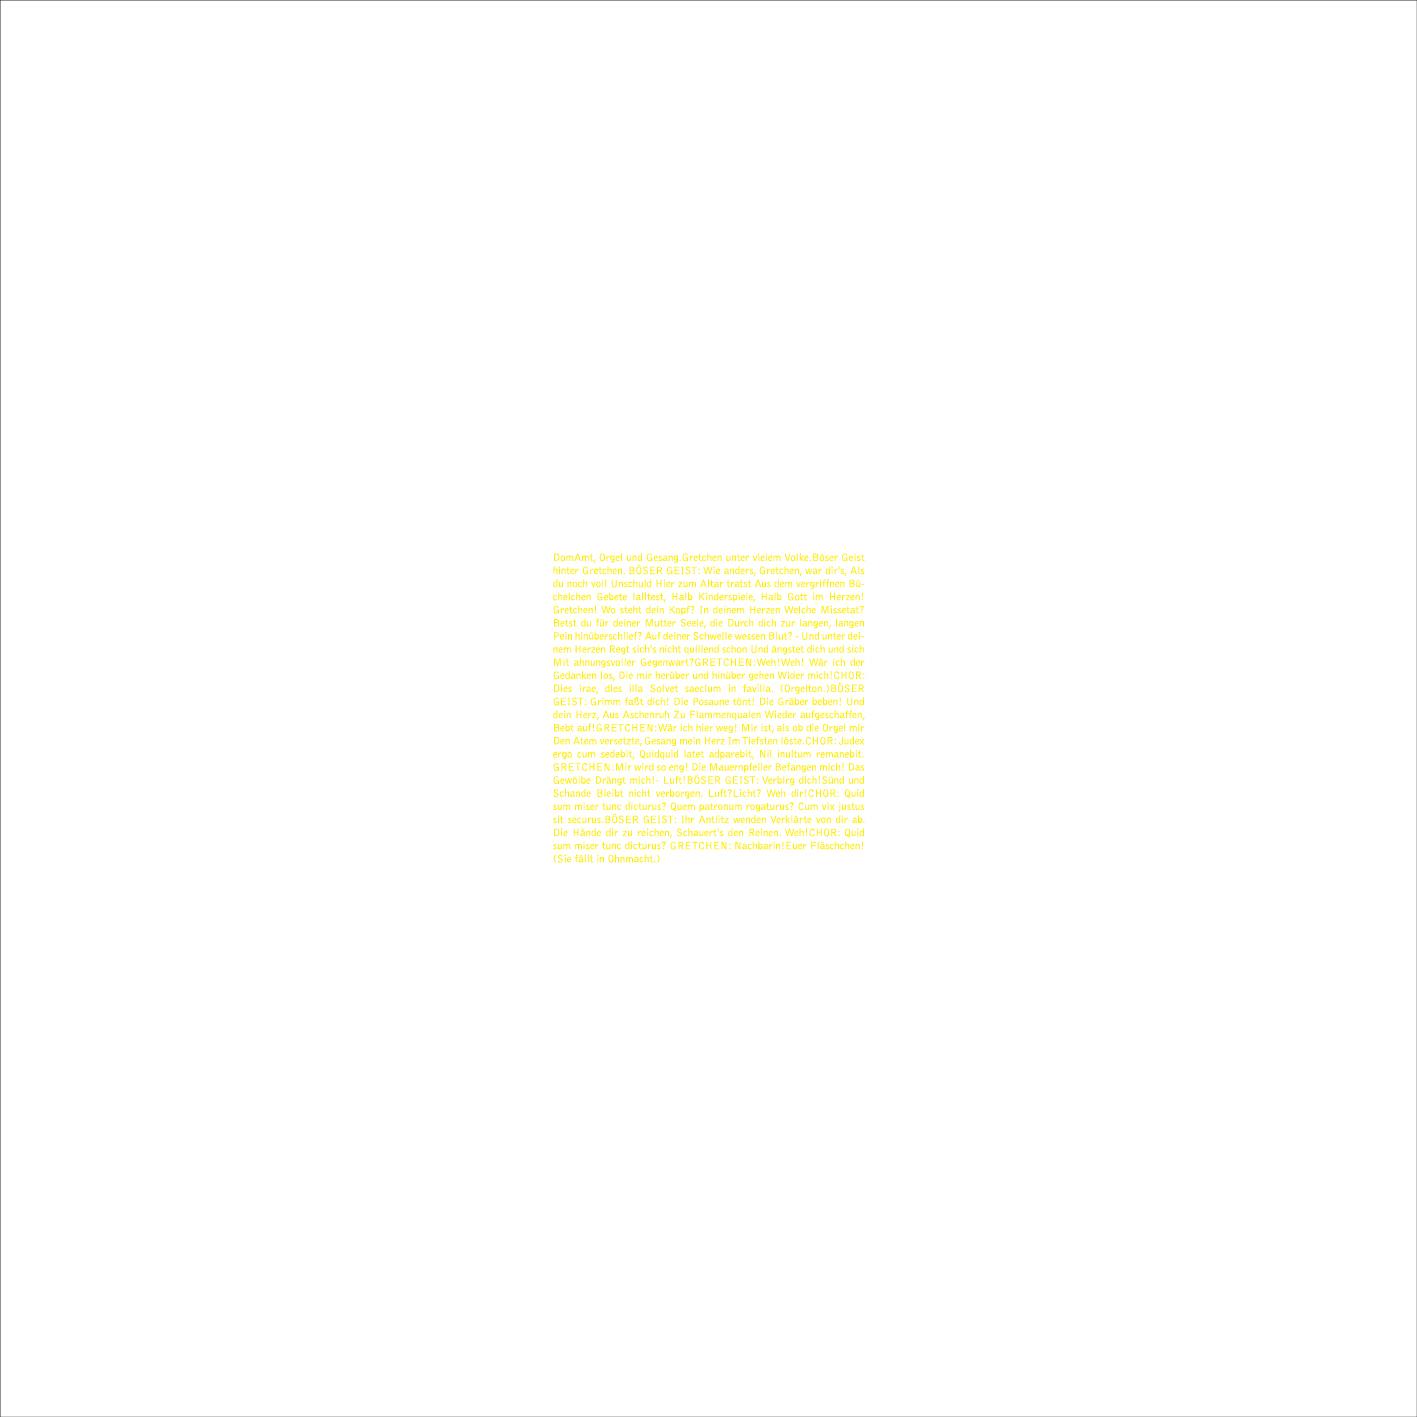 Faustisches Quadrat - Kap Einl_u_Hauptteil einzel23